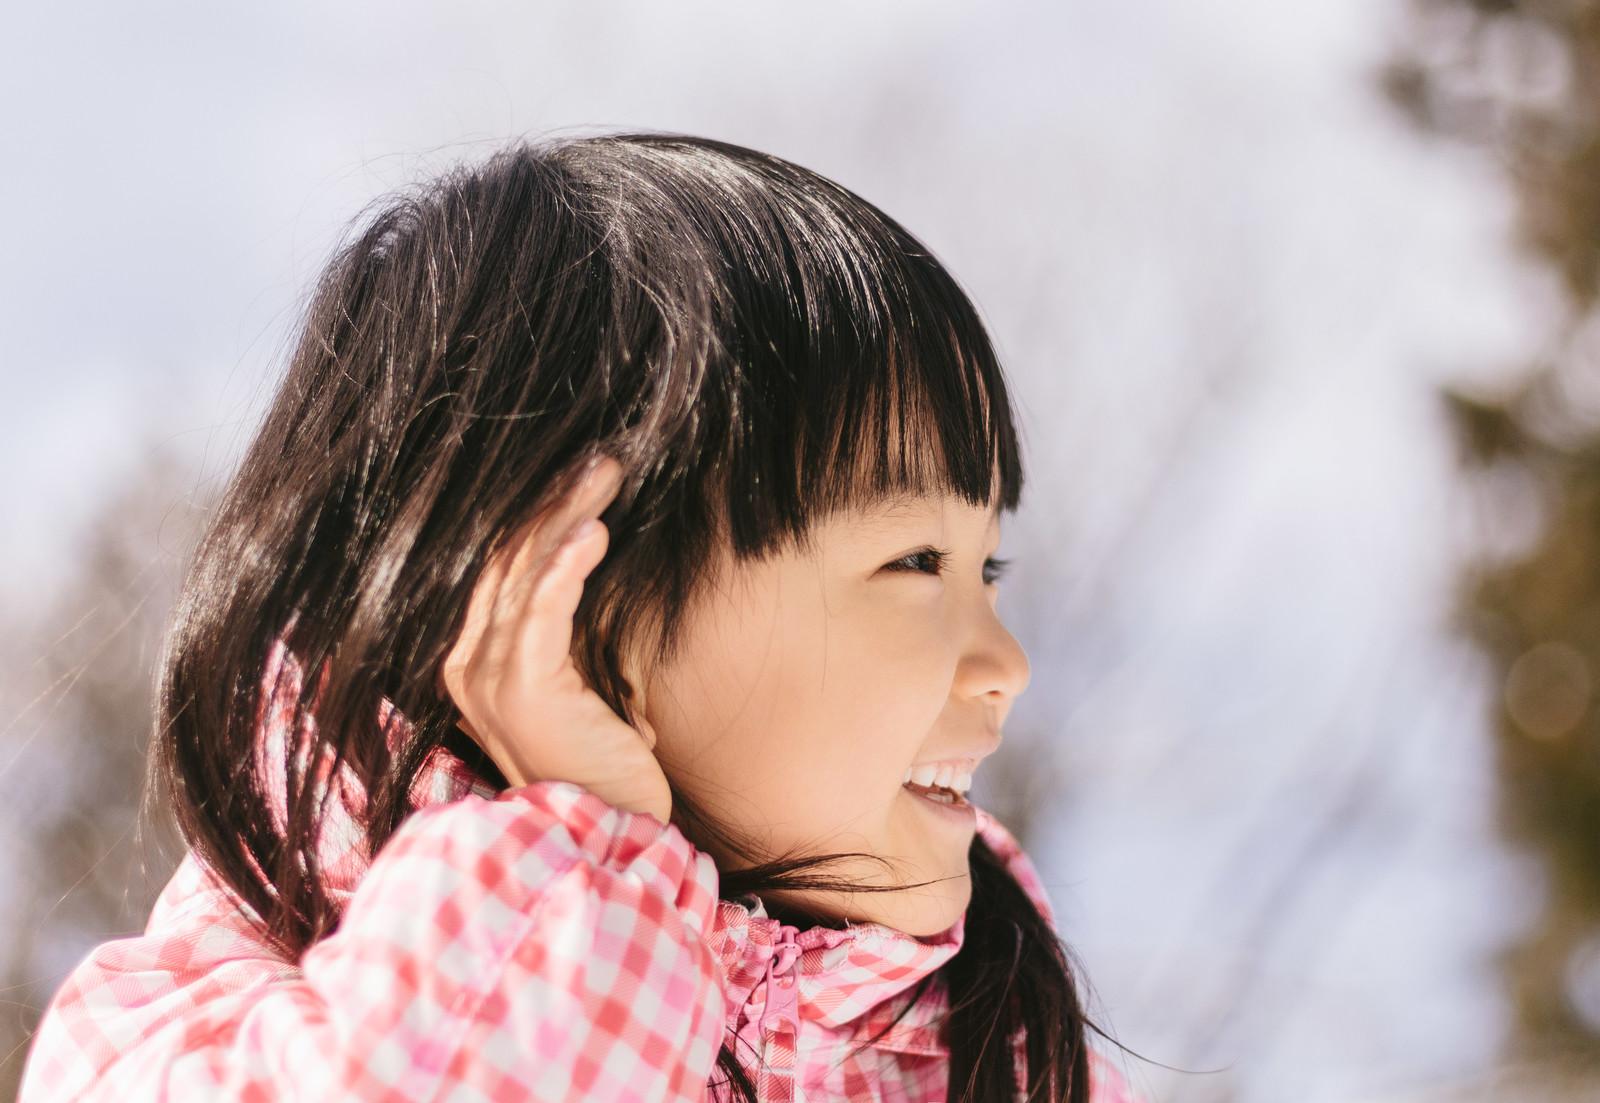 わろてんか 子役 幼少期 新井美羽 画像